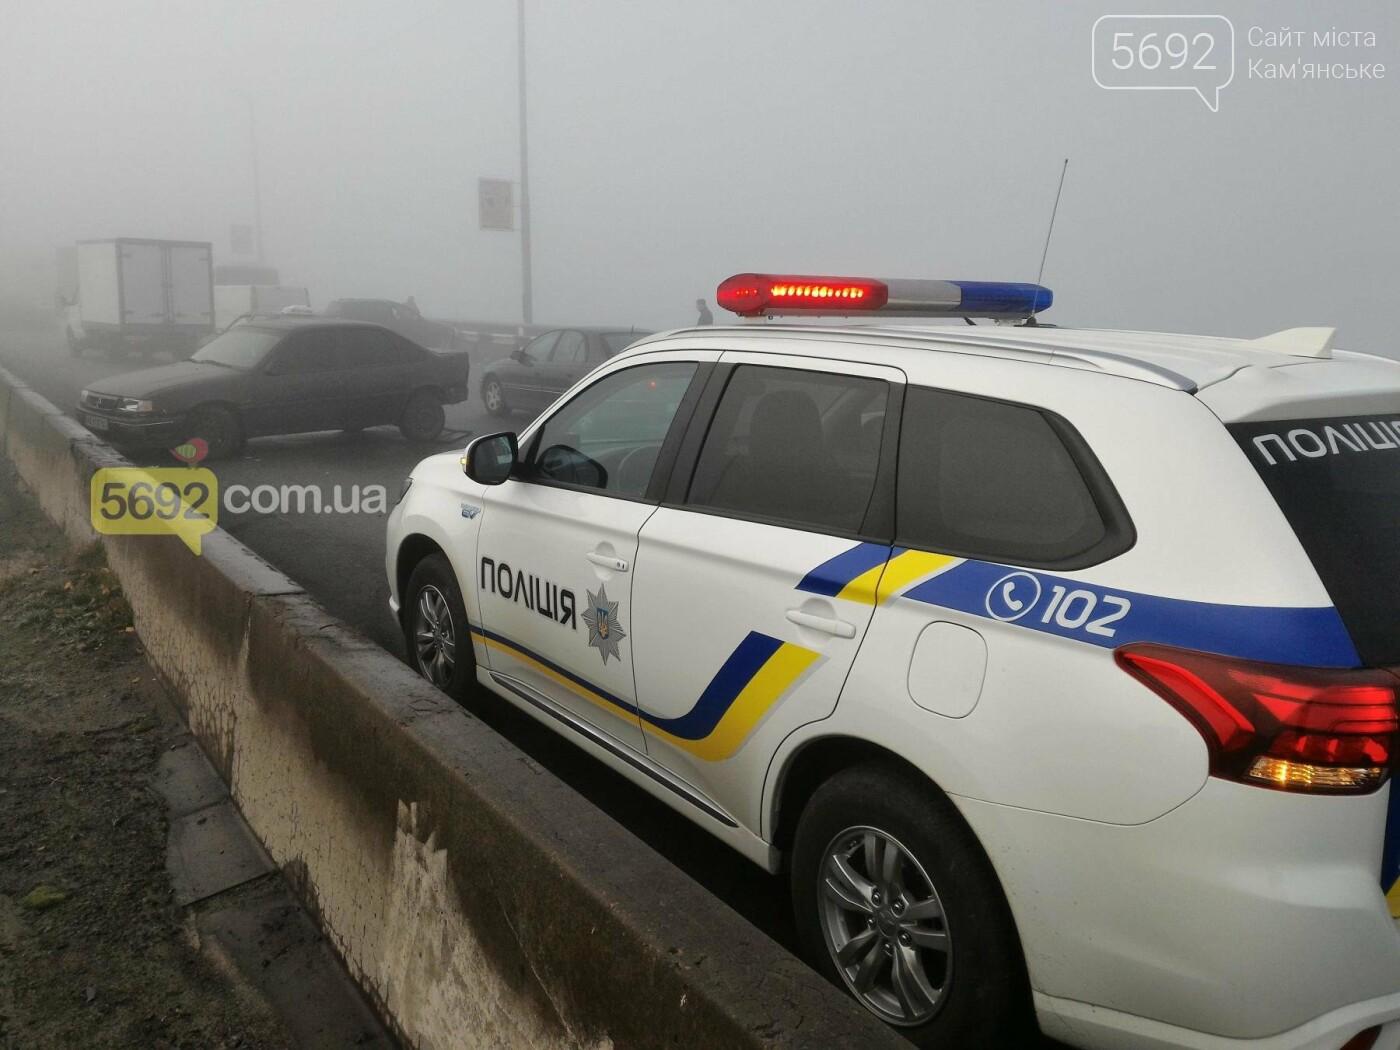 В Каменском на мосту произошло массовое ДТП, фото-2